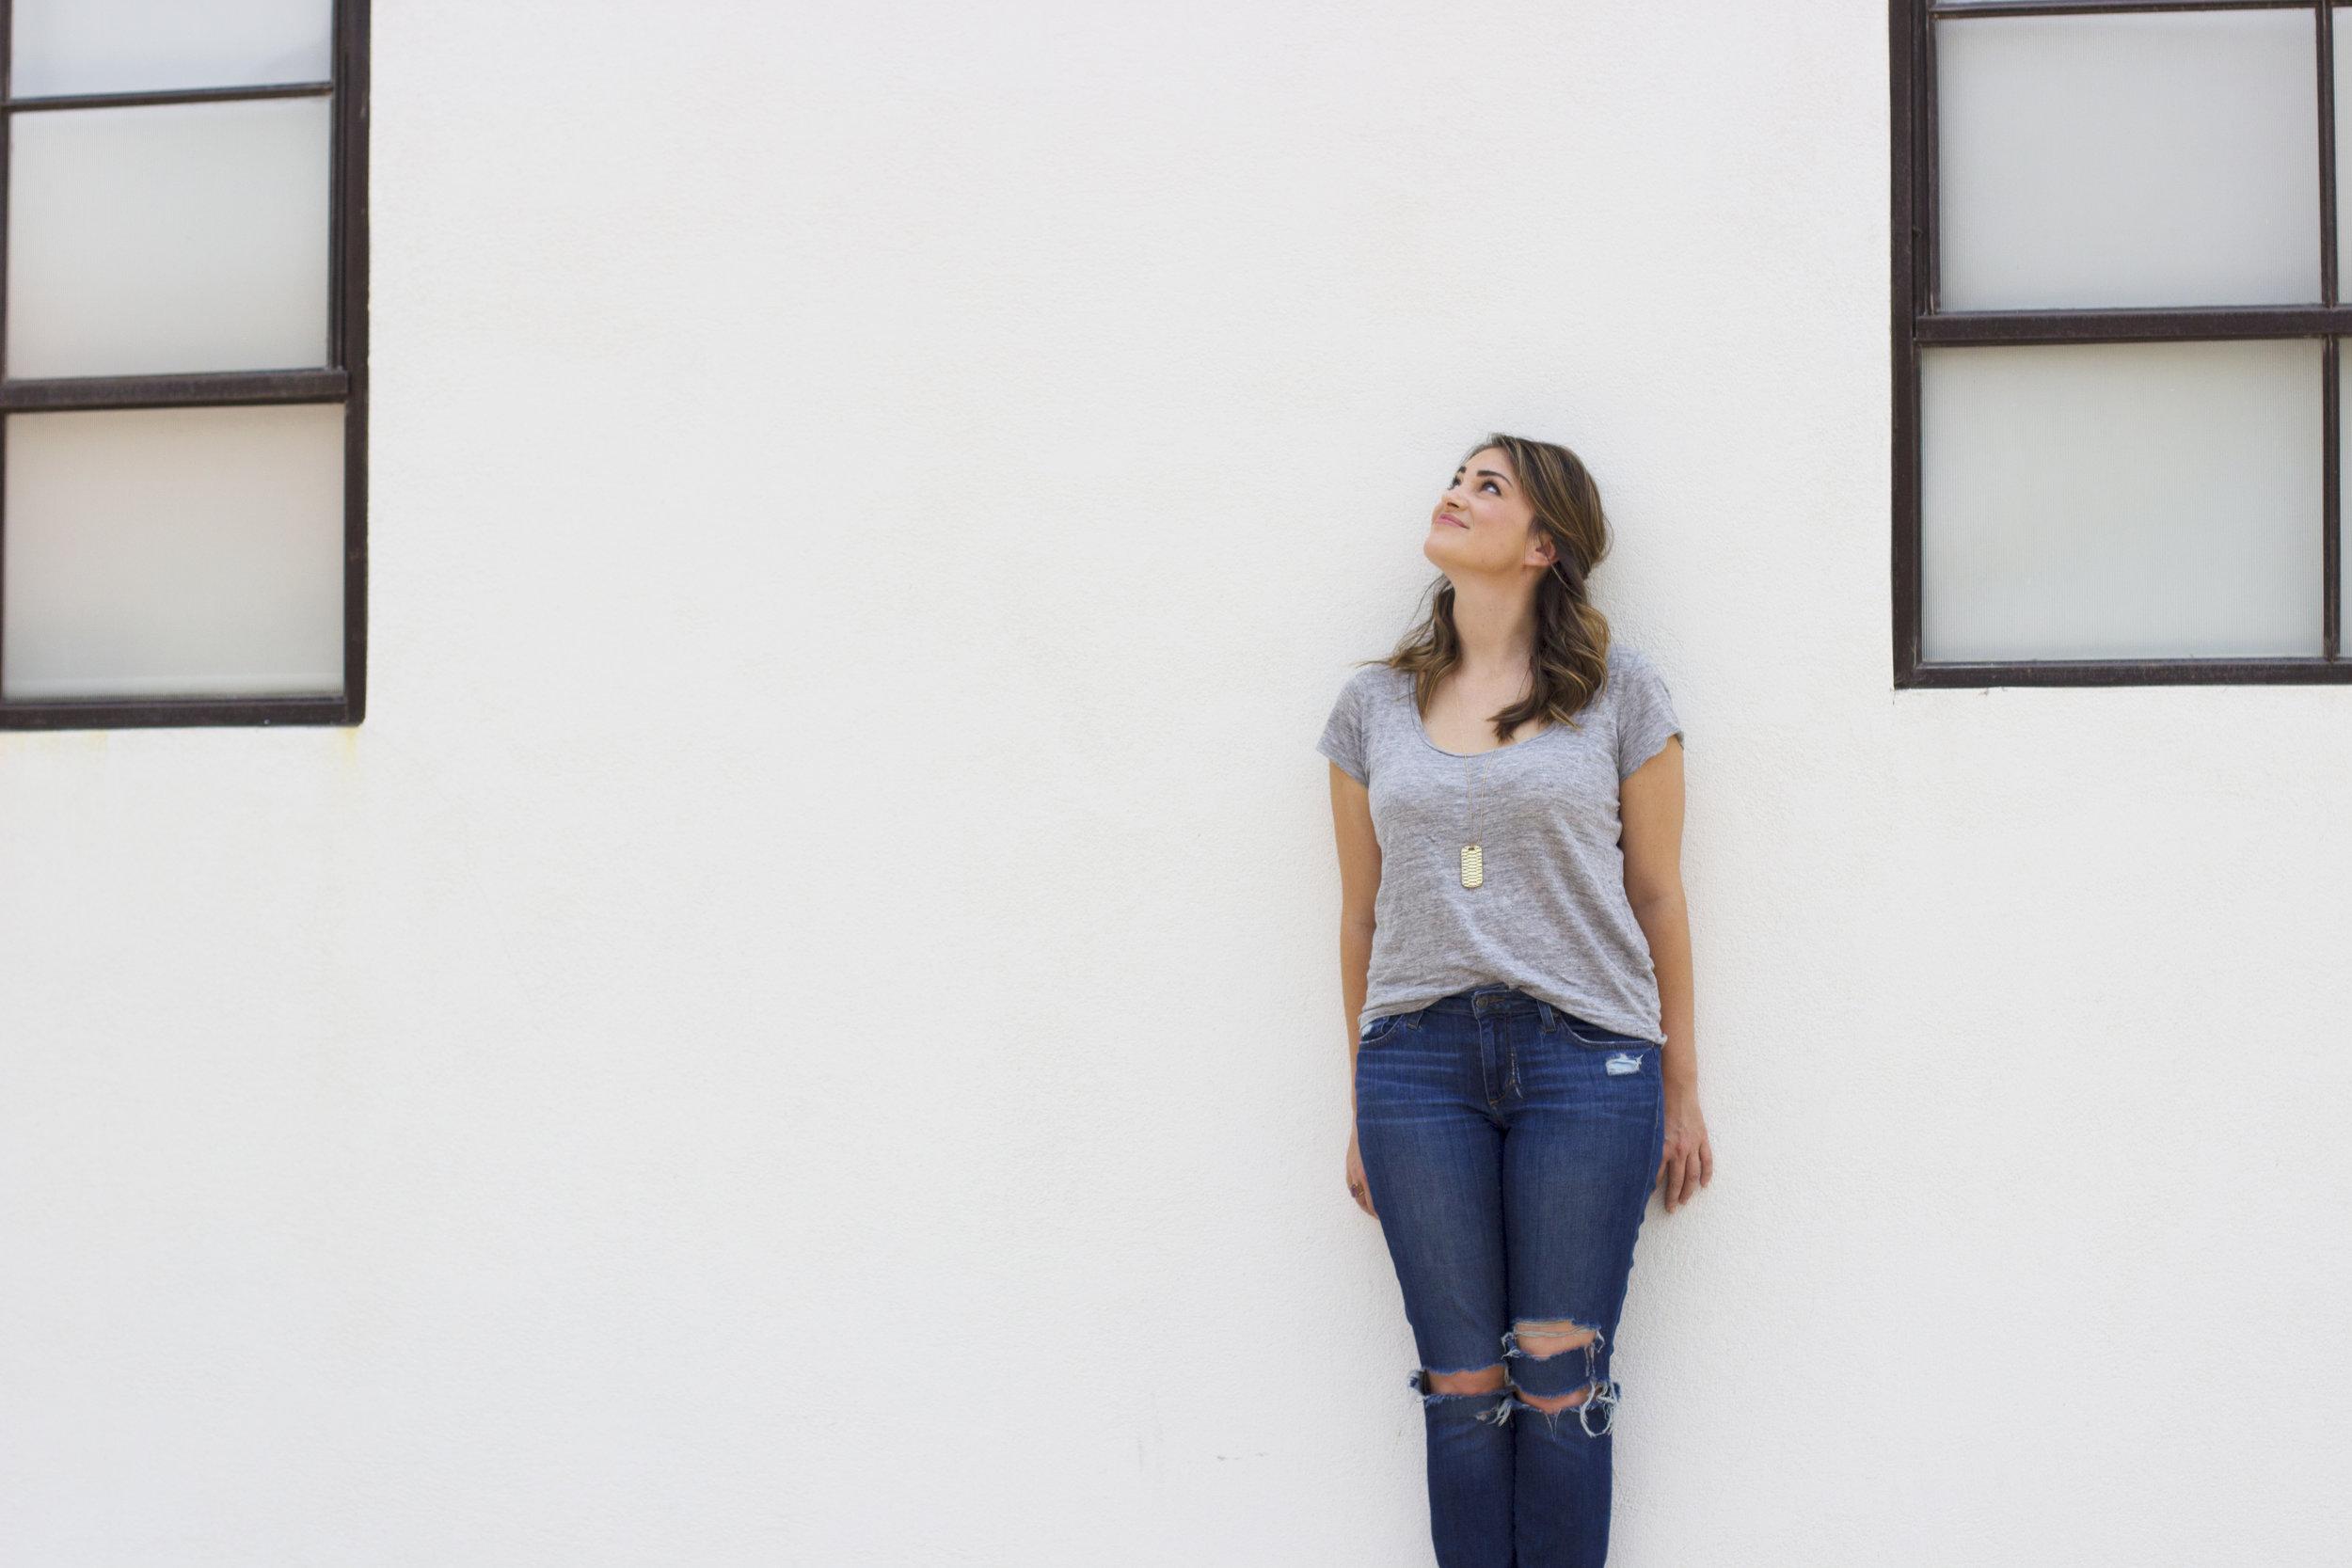 Ava Kelly - Windows